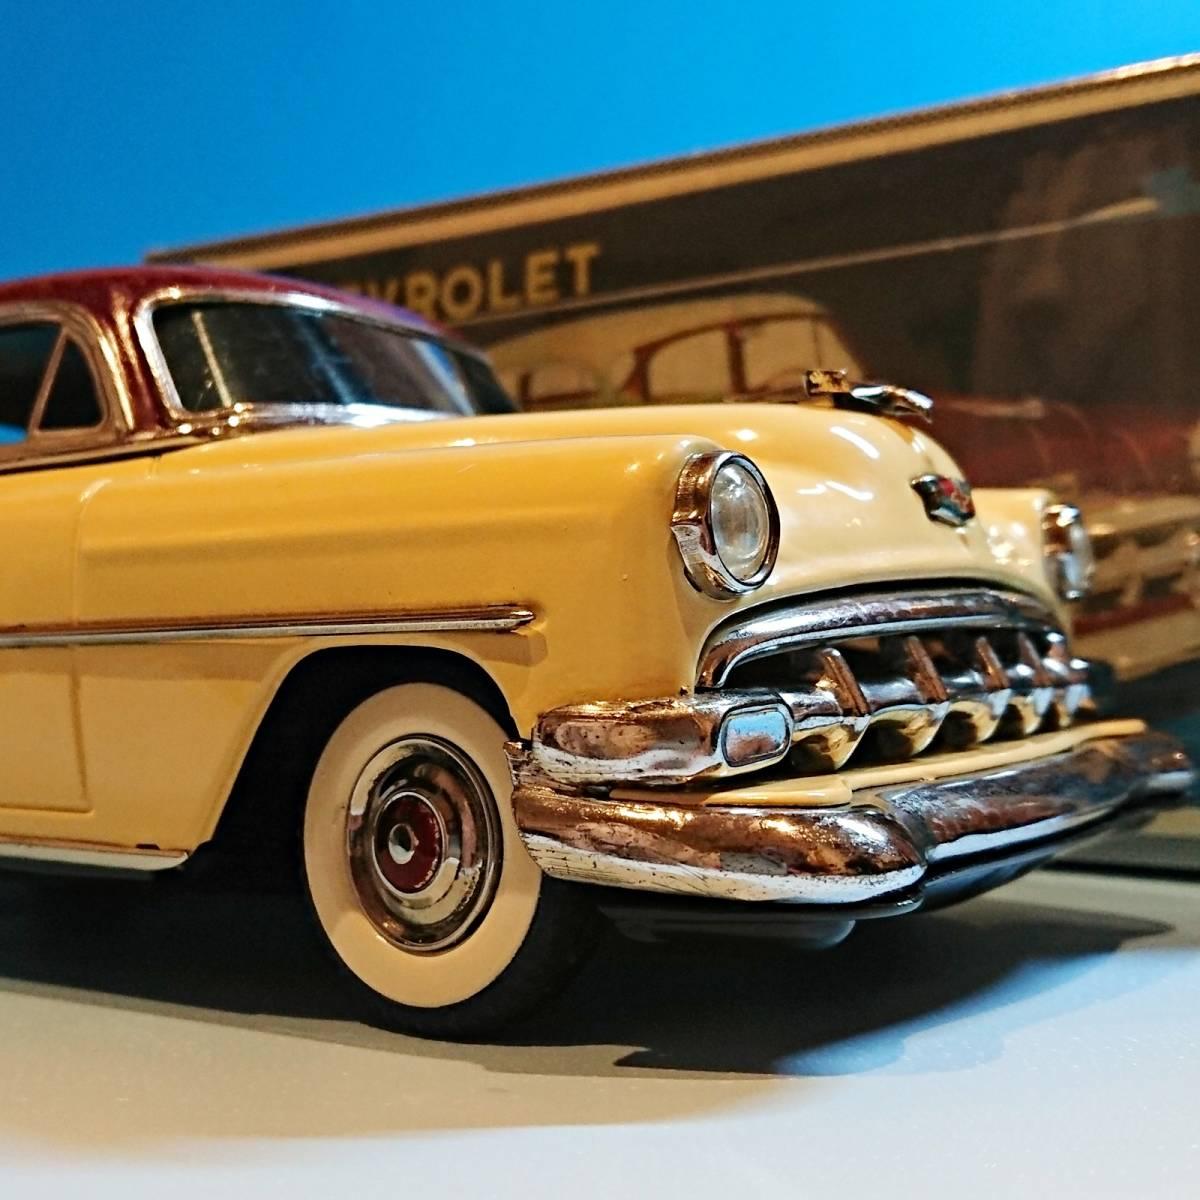 超希少ブリキ! ラインマー シボレー 世界に1つのツートンカラー Linemar Chevrolet マルサン/コスゲ製 リペイント 自動車 ビンテージ _画像3